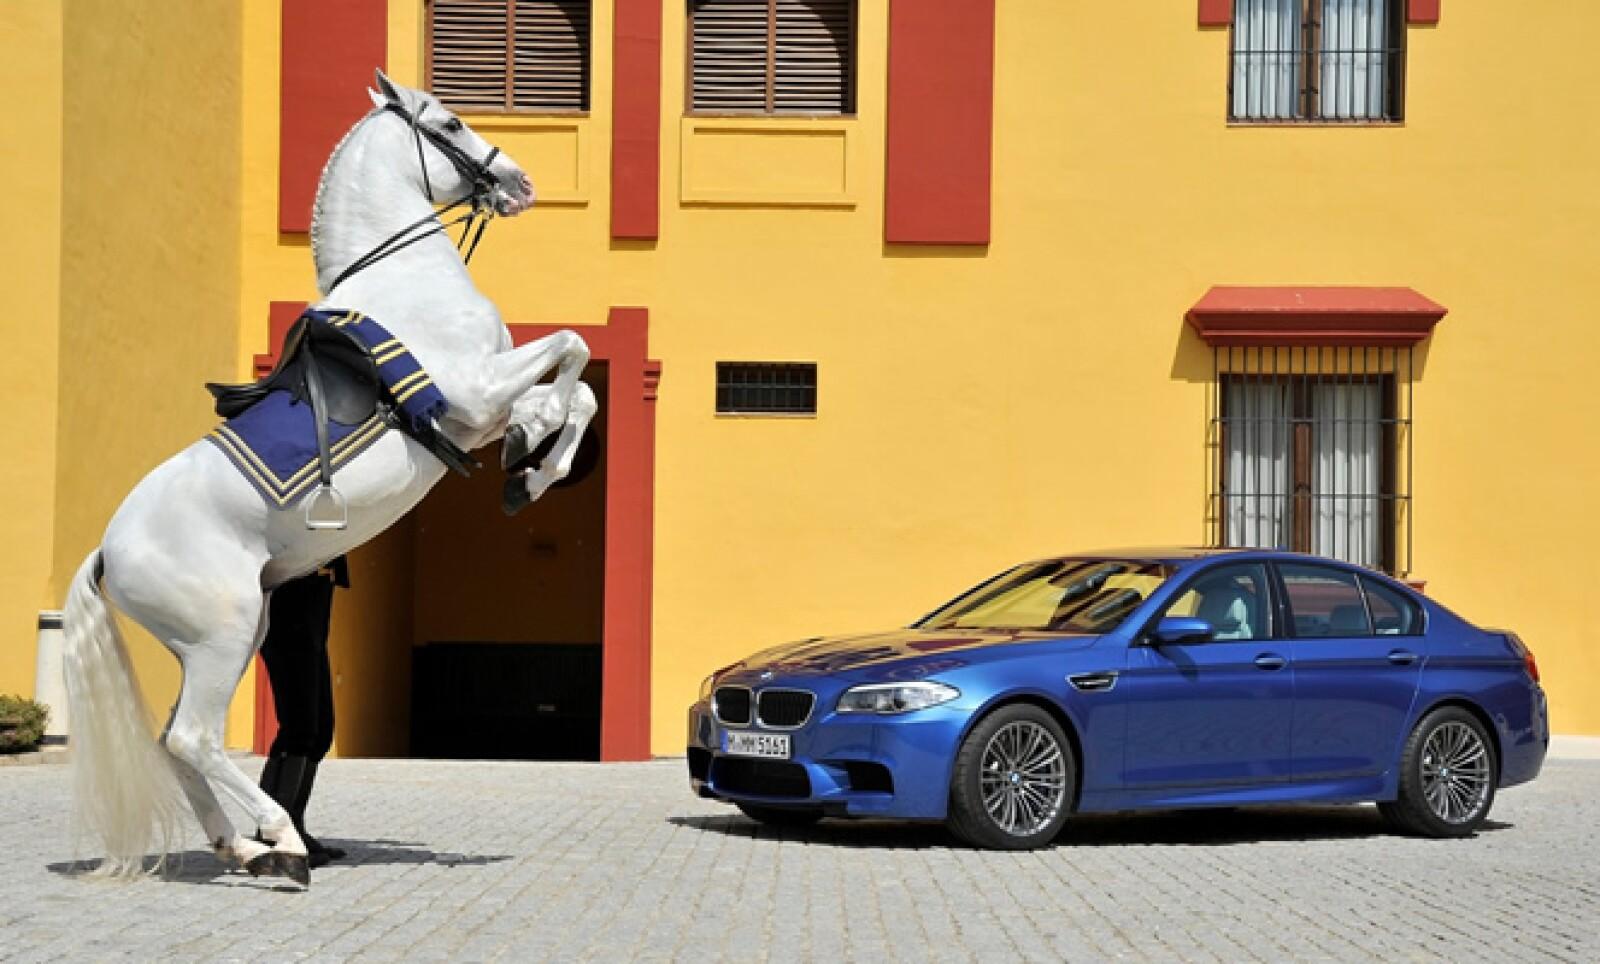 El automóvil está disponible desde 128,700 dólares, cerca de 1.8 millones de pesos.